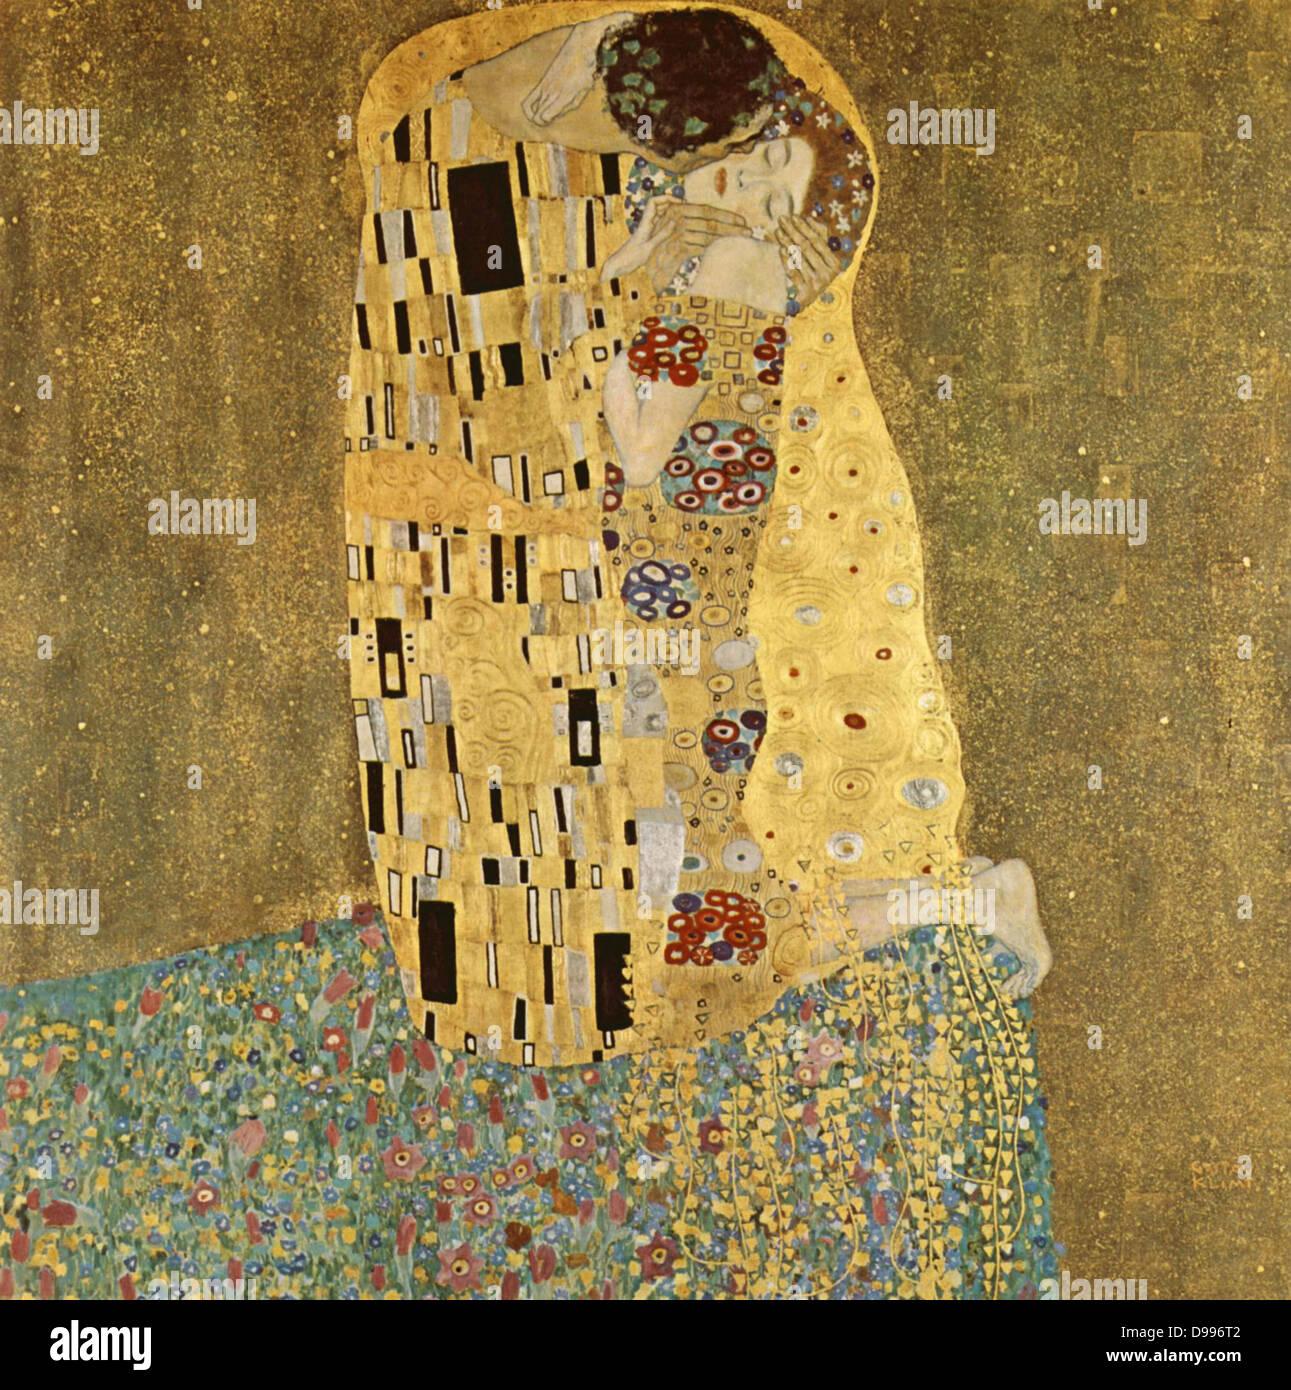 """Gustav Klimt, 1862 - 1918. """"Die Kis' von Gustav Klimt gemalt wurde, und ist wahrscheinlich das bekannteste Werk. Er begann seine Arbeit im Jahre 1907 und es ist der Höhepunkt seiner so genannten """"goldenen Periode"""". Es zeigt ein Paar in verschiedenen Schattierungen von Gold und Symbole, teilen einen Kuss gegen eine Bronze Hintergrund. Stockfoto"""